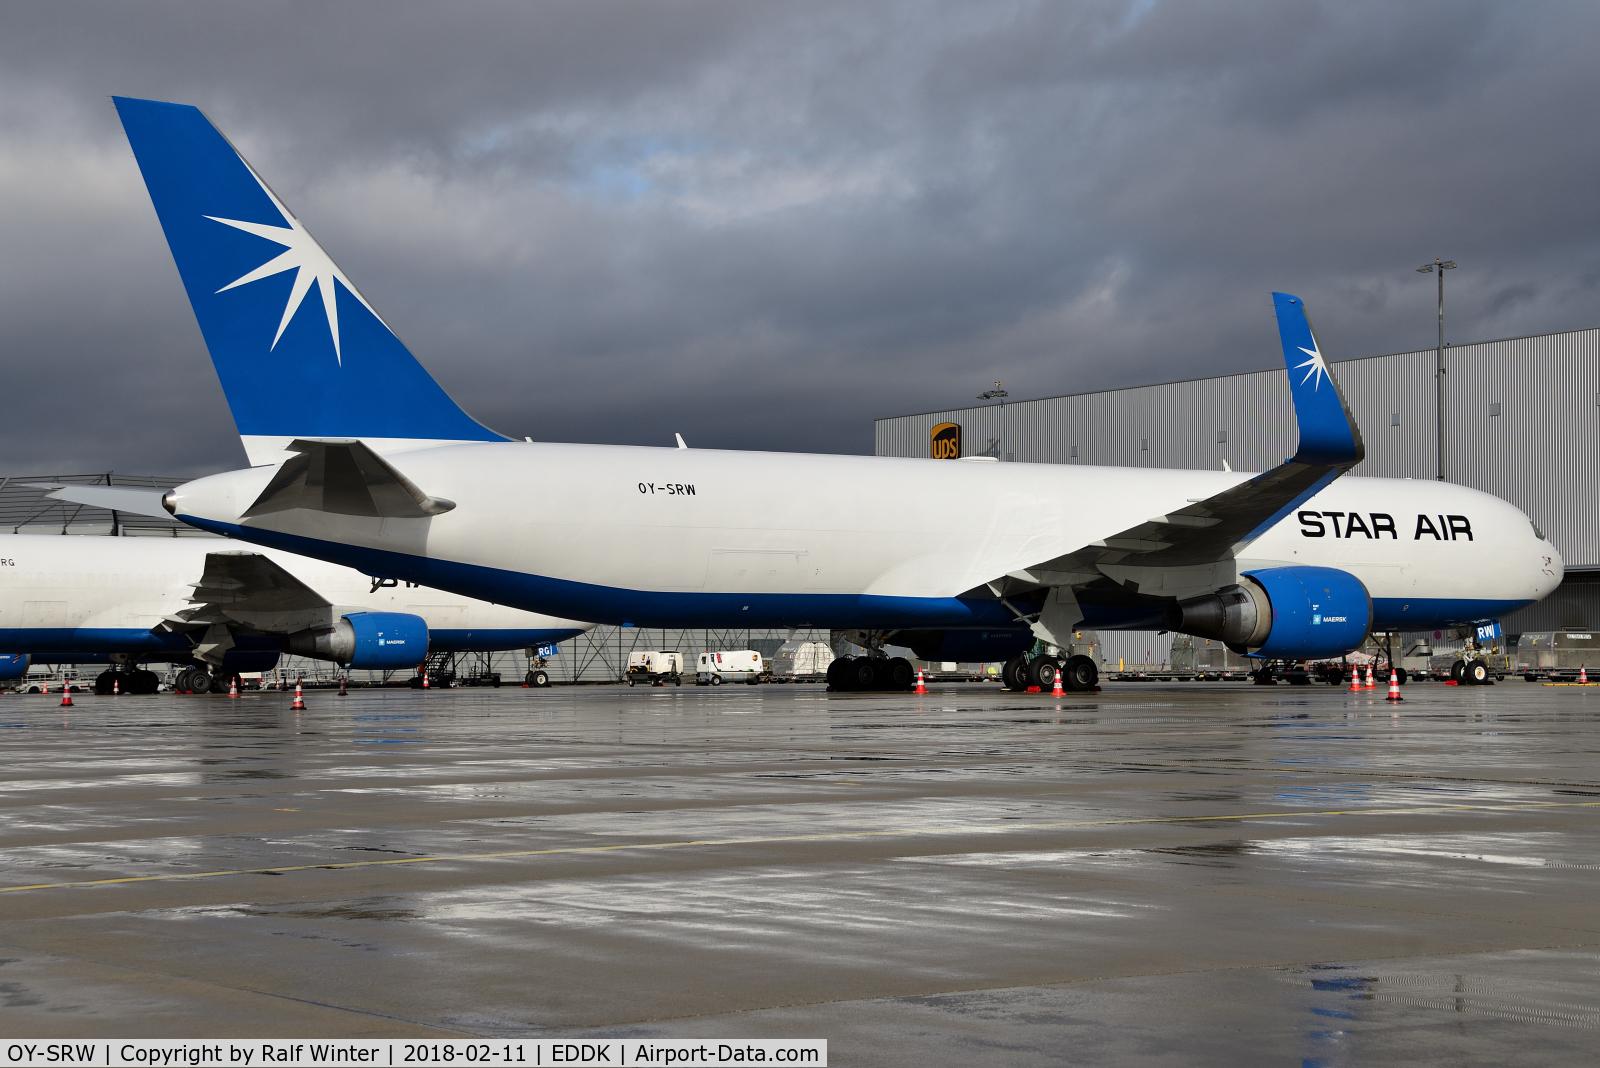 OY-SRW, 2007 Boeing 767-346F C/N 35818, Boeing 767-346F(ER)(WL) - Star Air - 35818 - OY-SRW - 11.02.2018 - CGN